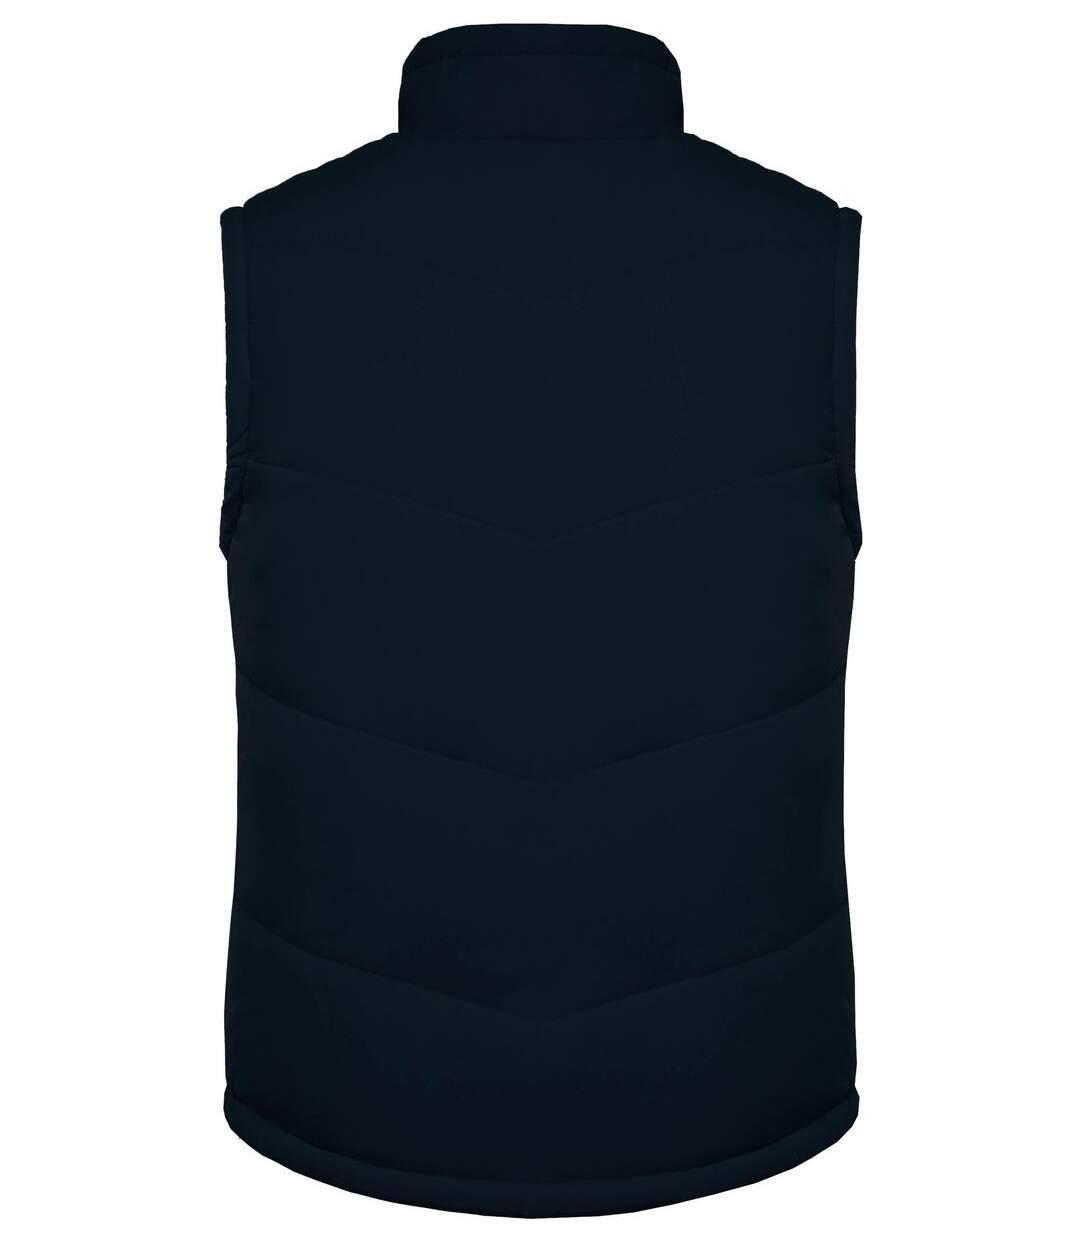 Veste sans manches doublée polaire - K6118 - bleu marine